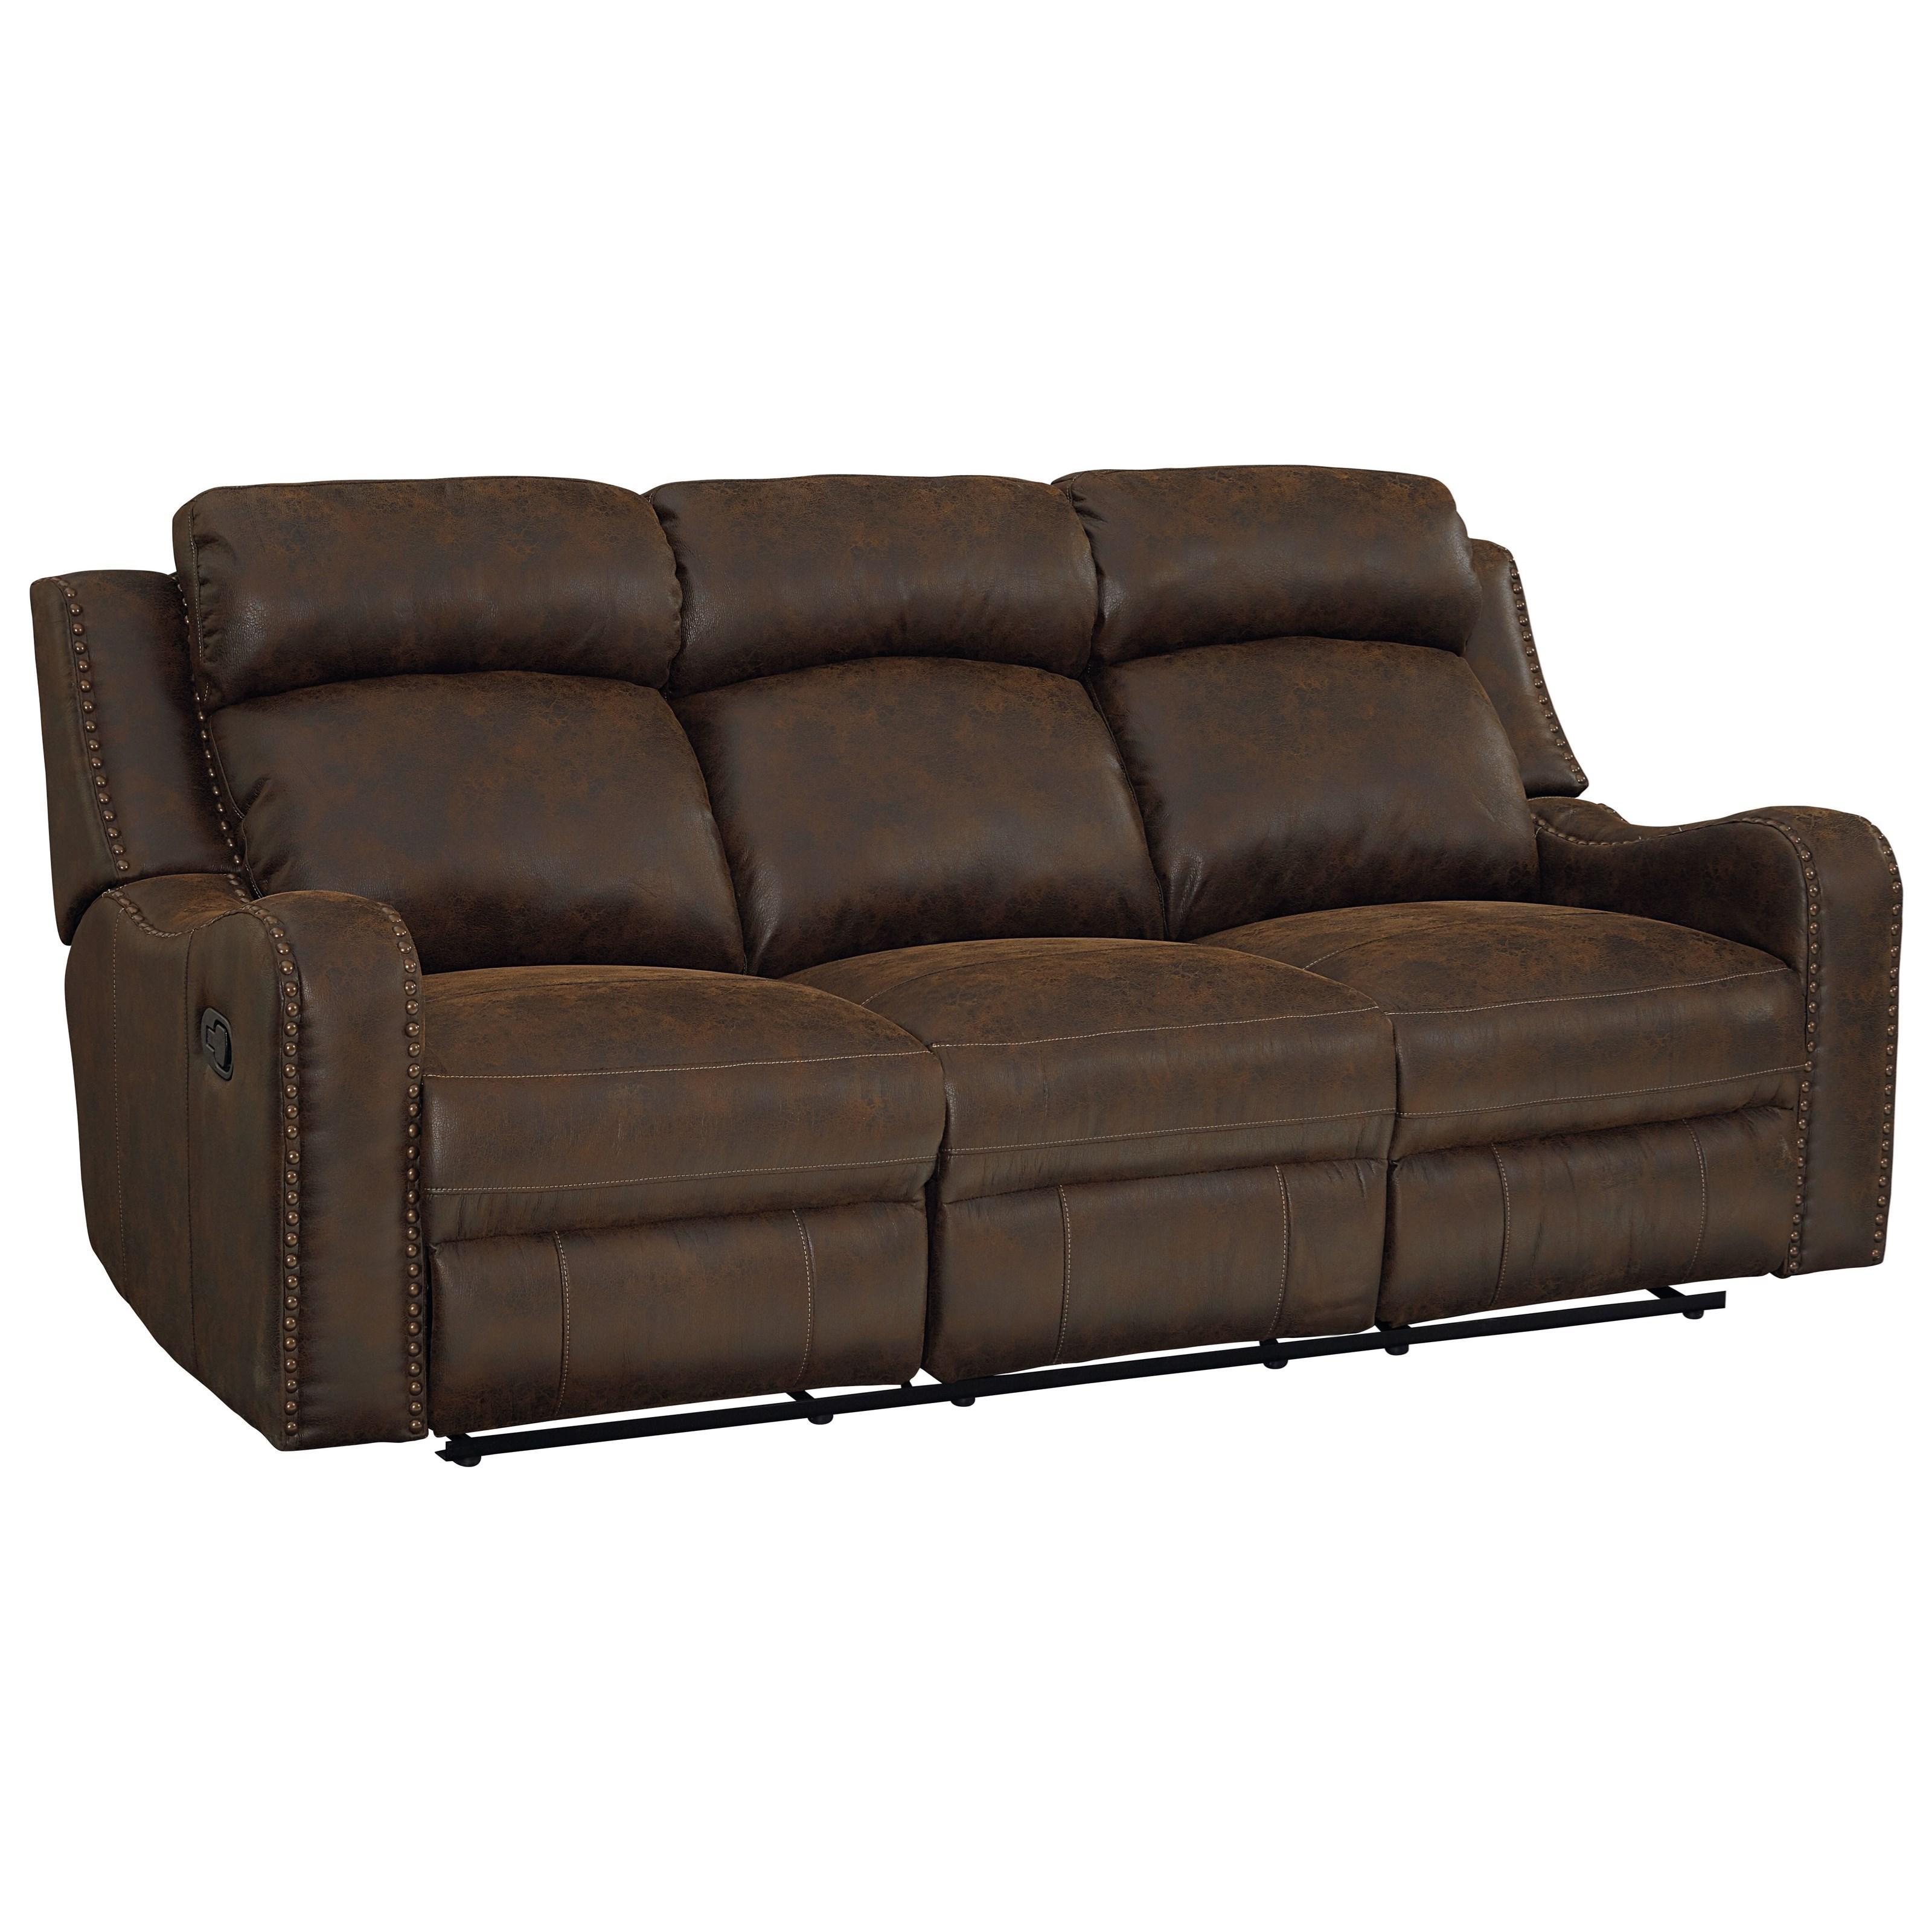 Standard Furniture Bankston Power Reclining Sofa - Item Number: 4148591